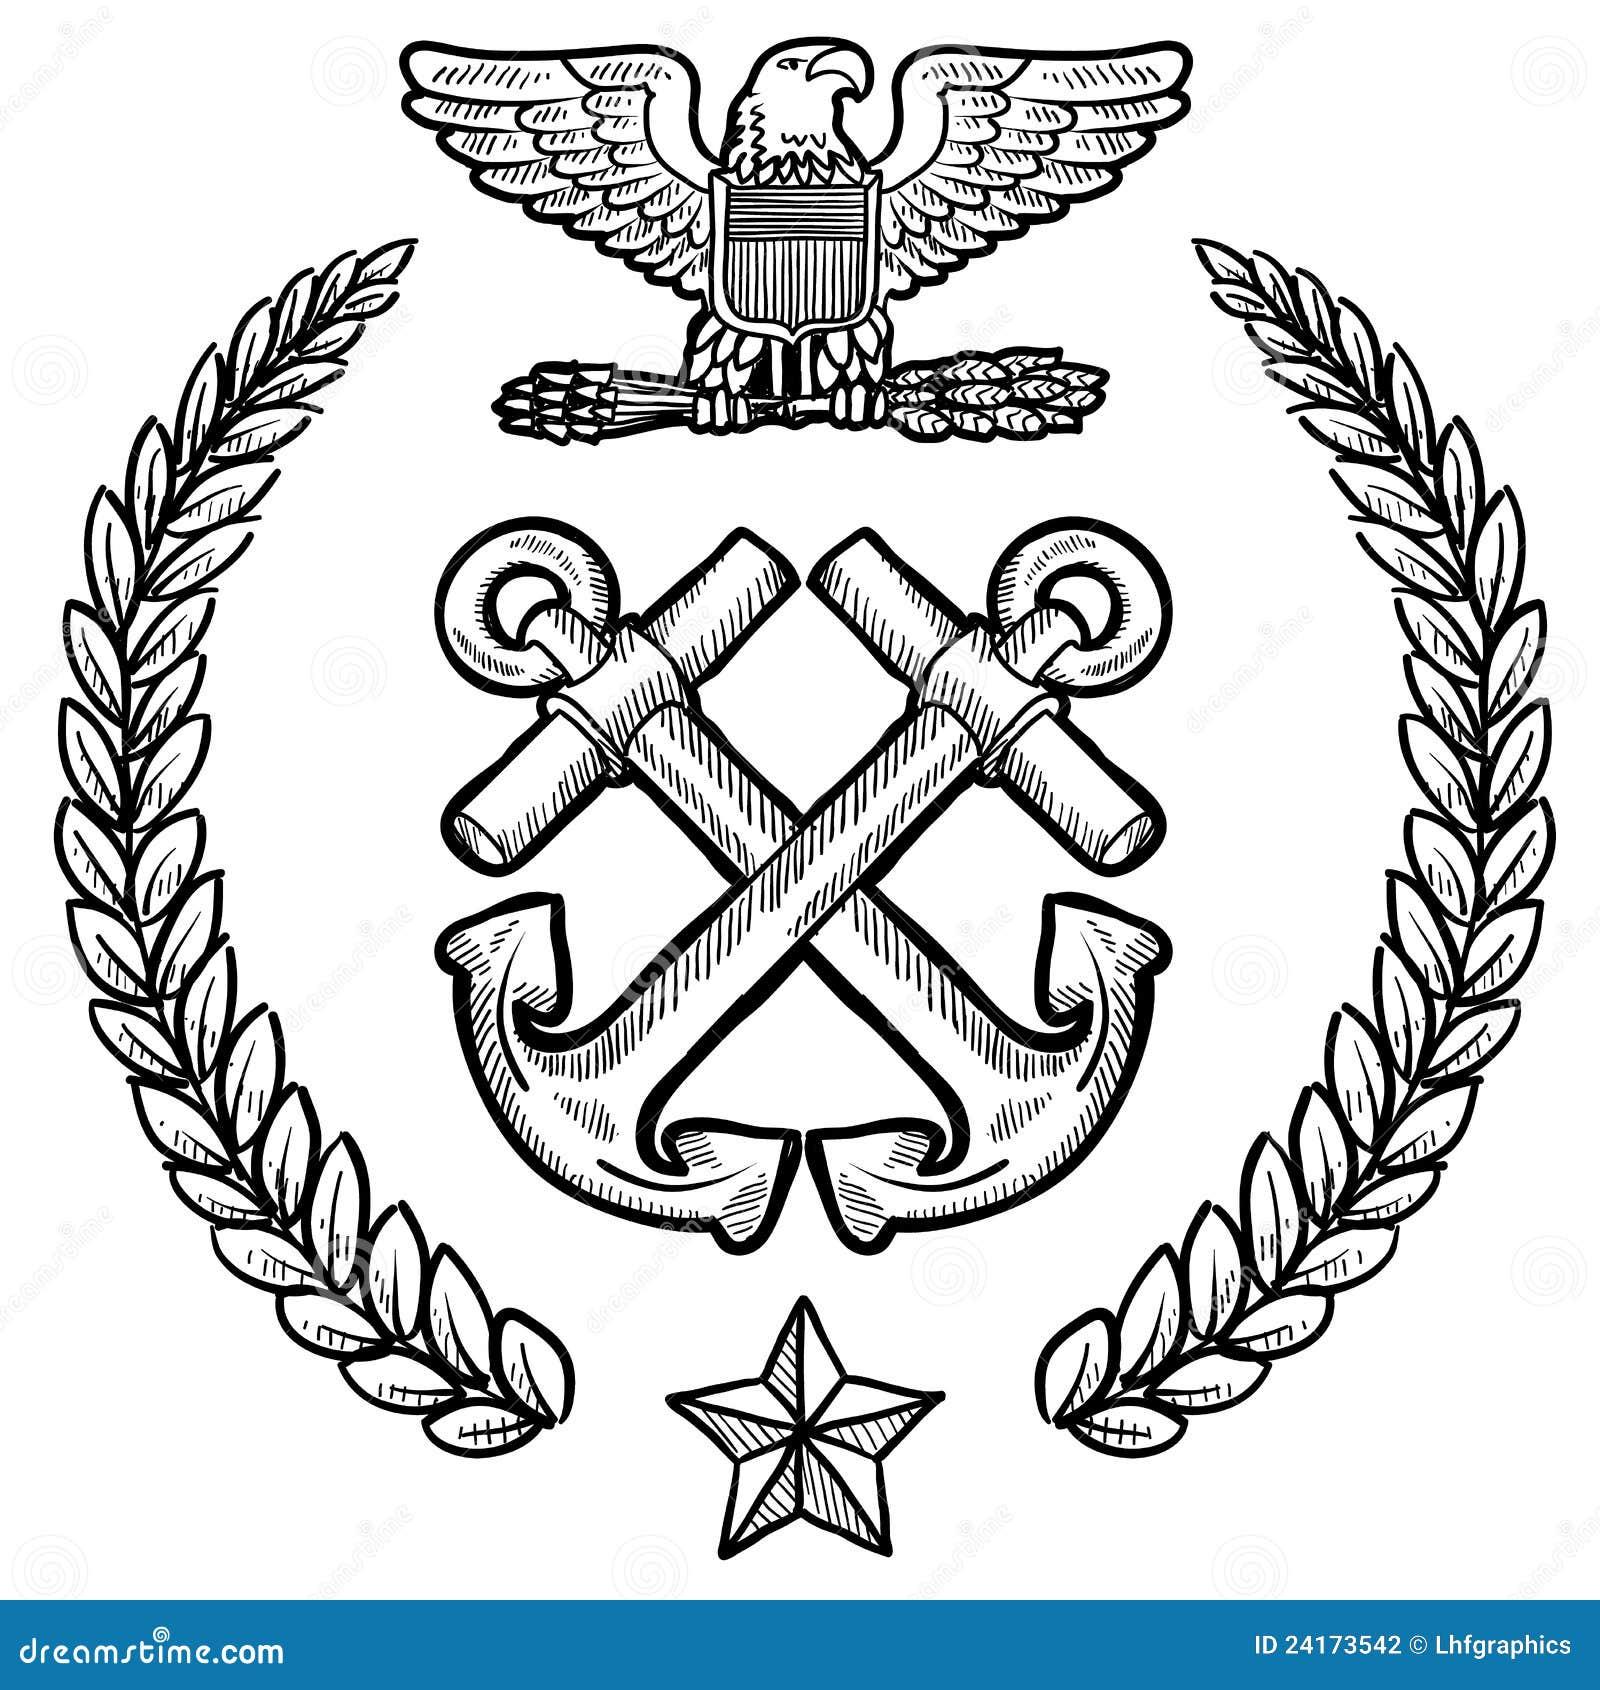 De insignes van de Marine van de V.S. met kroon